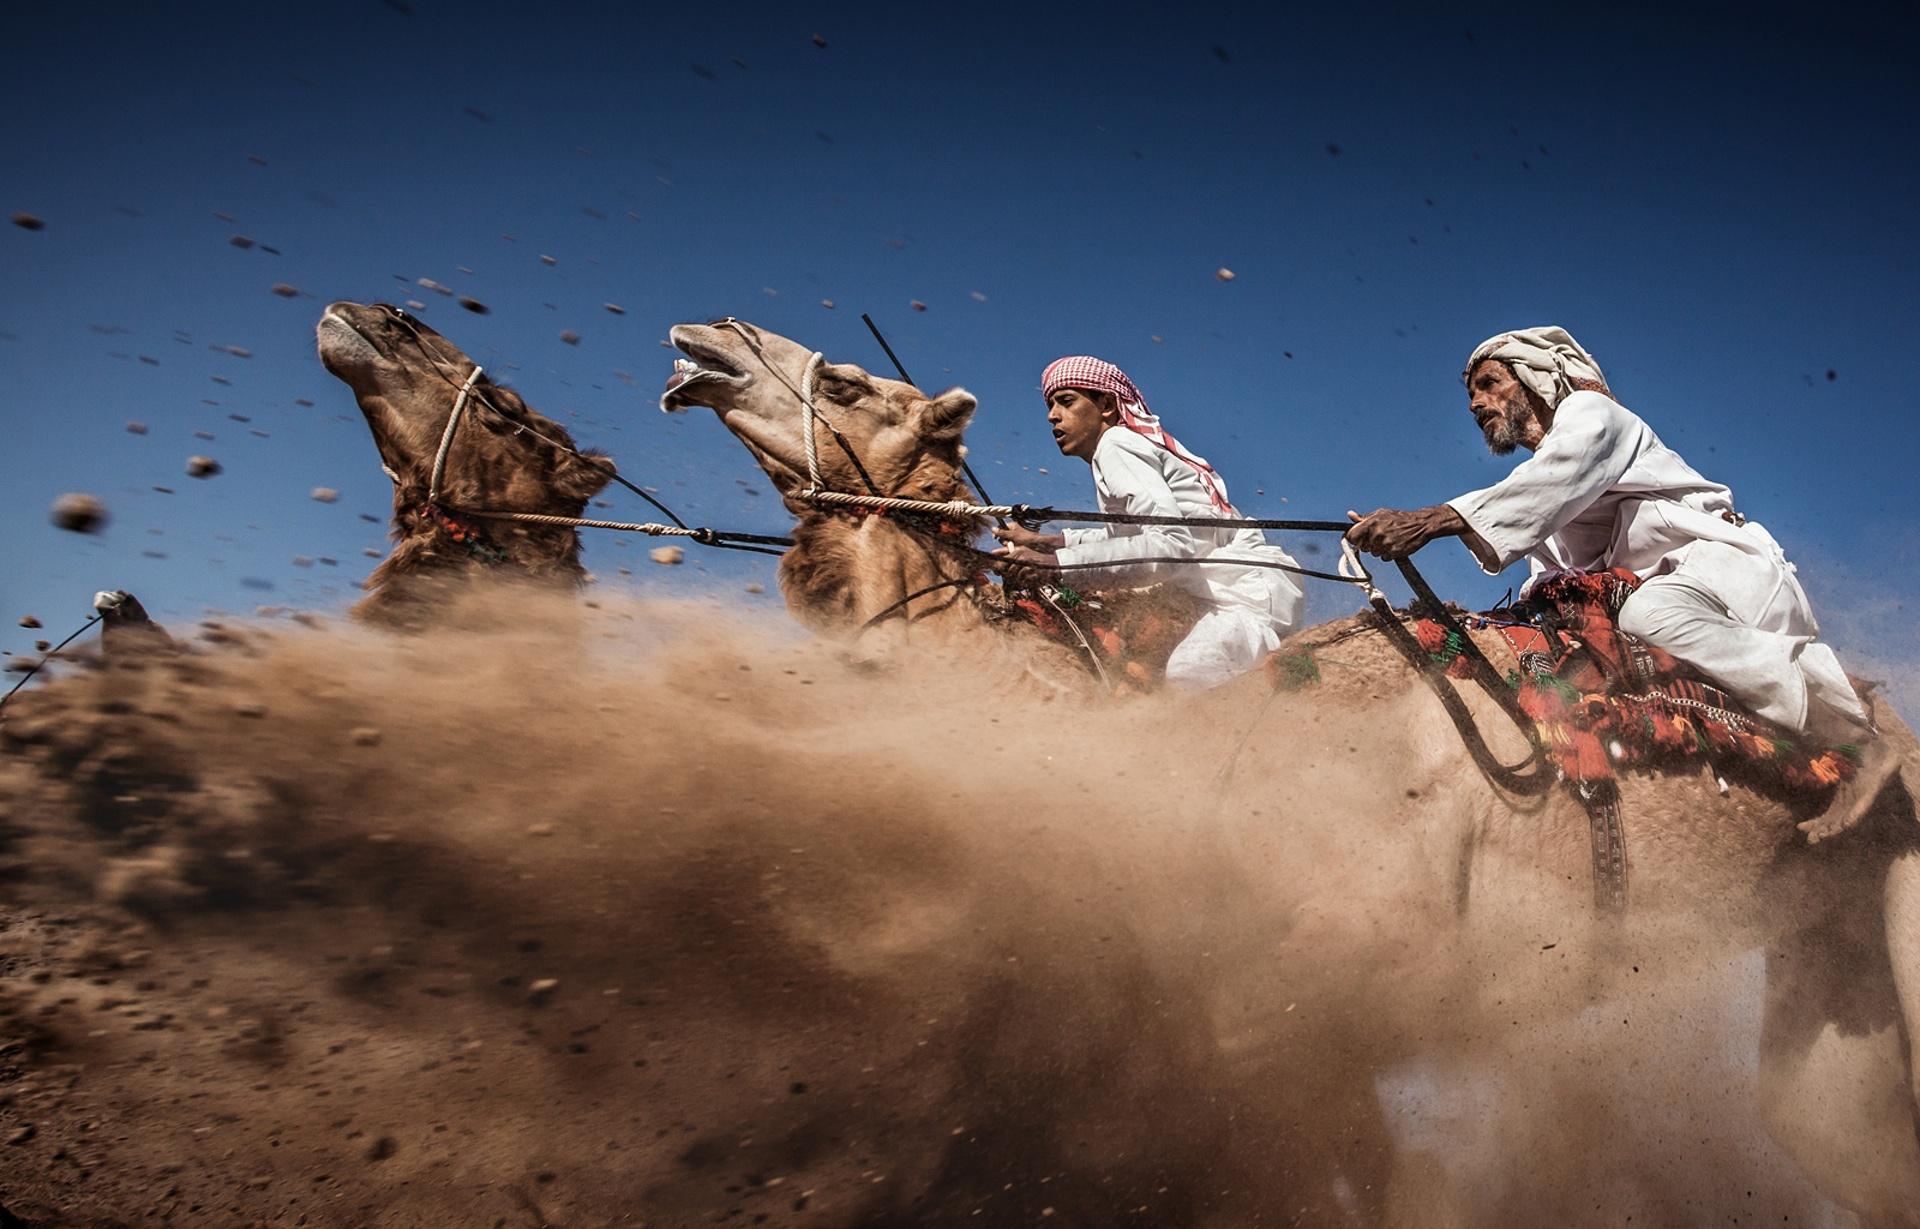 """3° LUGAR: """"Camel Ardah, estilo de corrida de camelo, em Oman"""""""